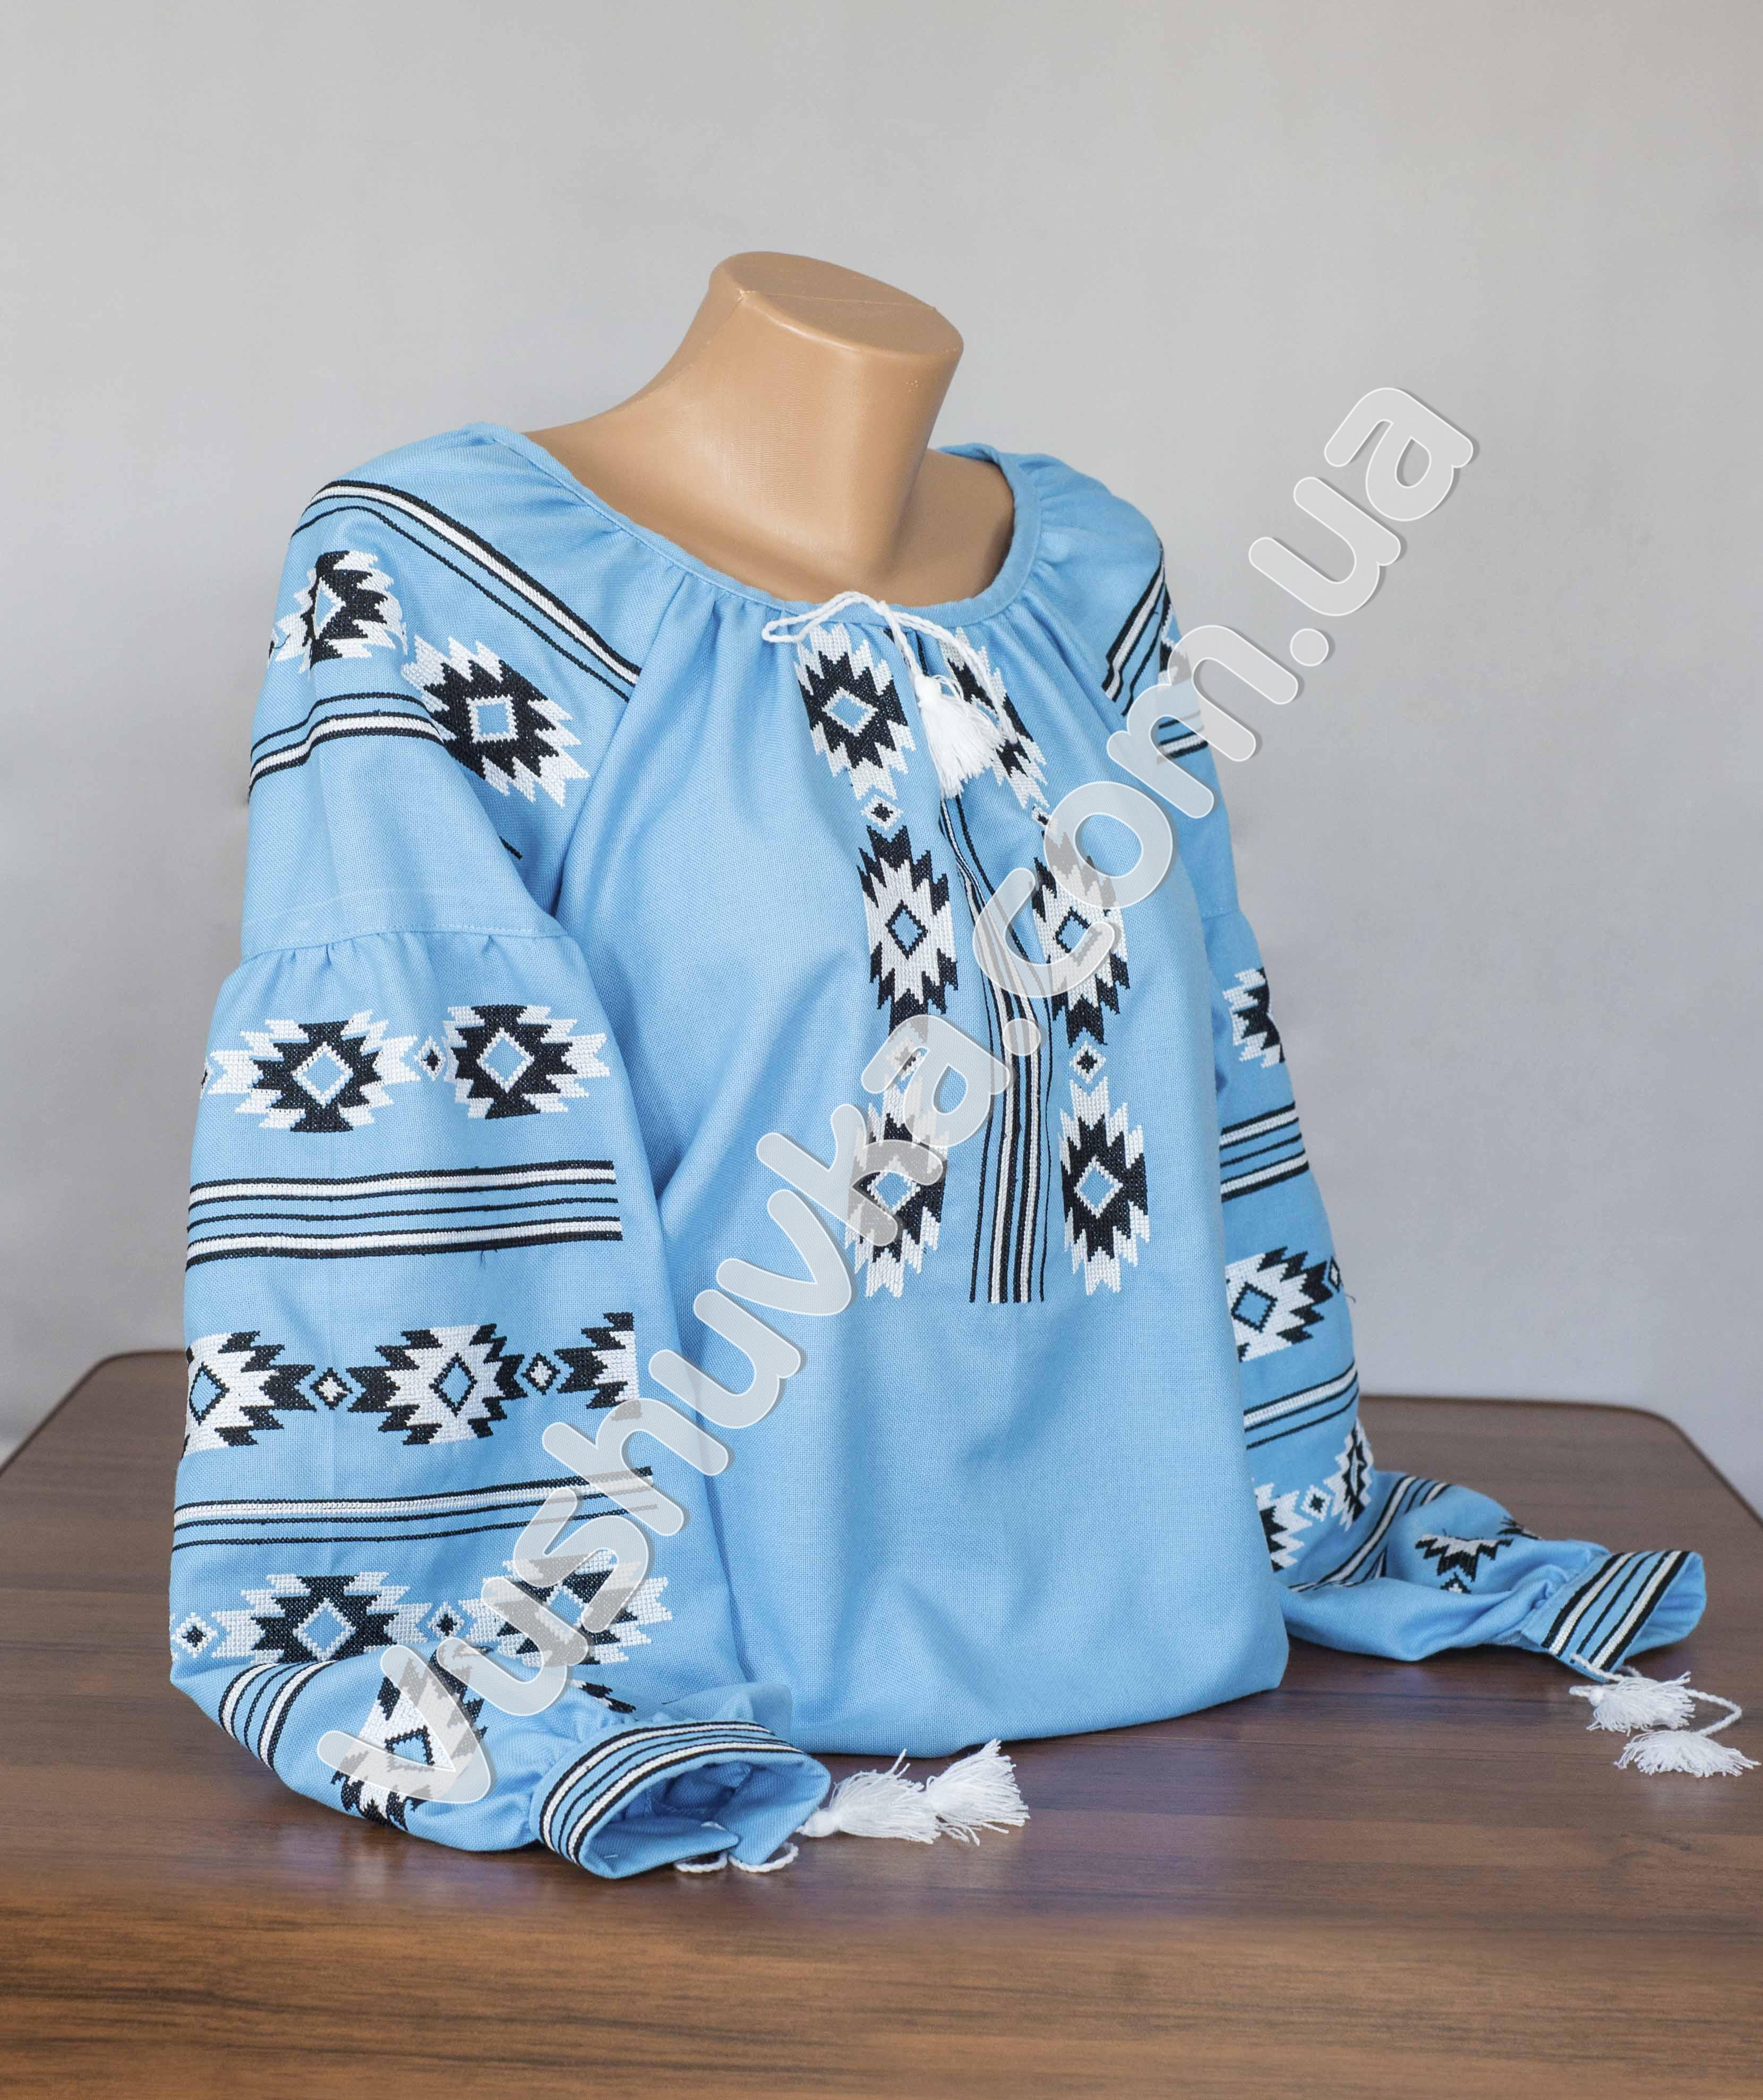 Вишита сорочка (арт. 2019) • купити в Україні cc1eb02f1838b